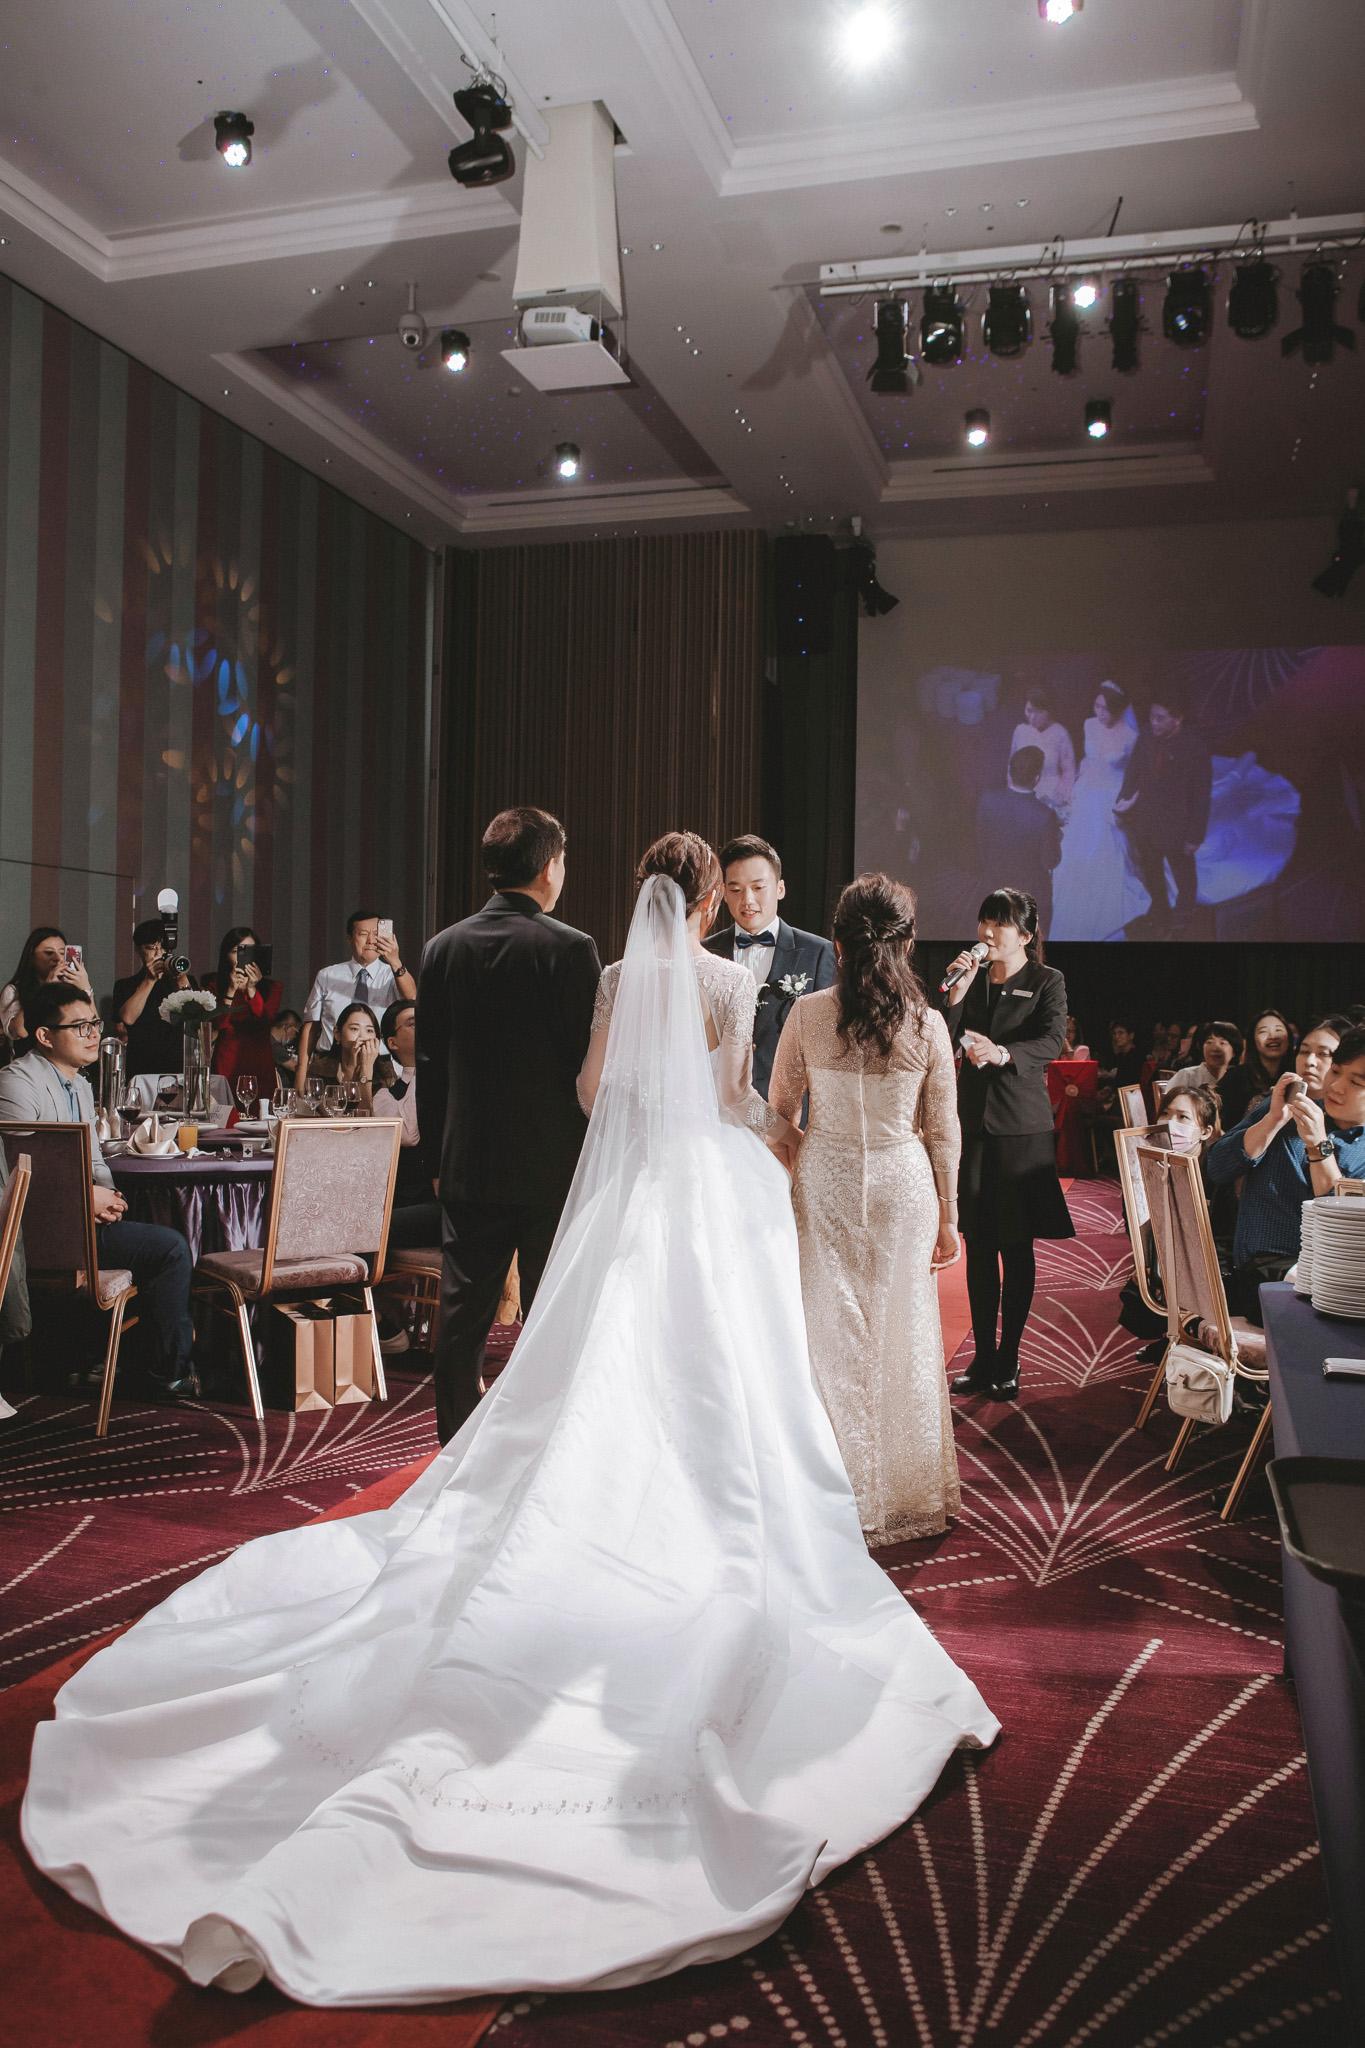 EW 居米 台北婚宴 台北婚紗 台北婚攝 國泰萬怡 台北婚禮 -23